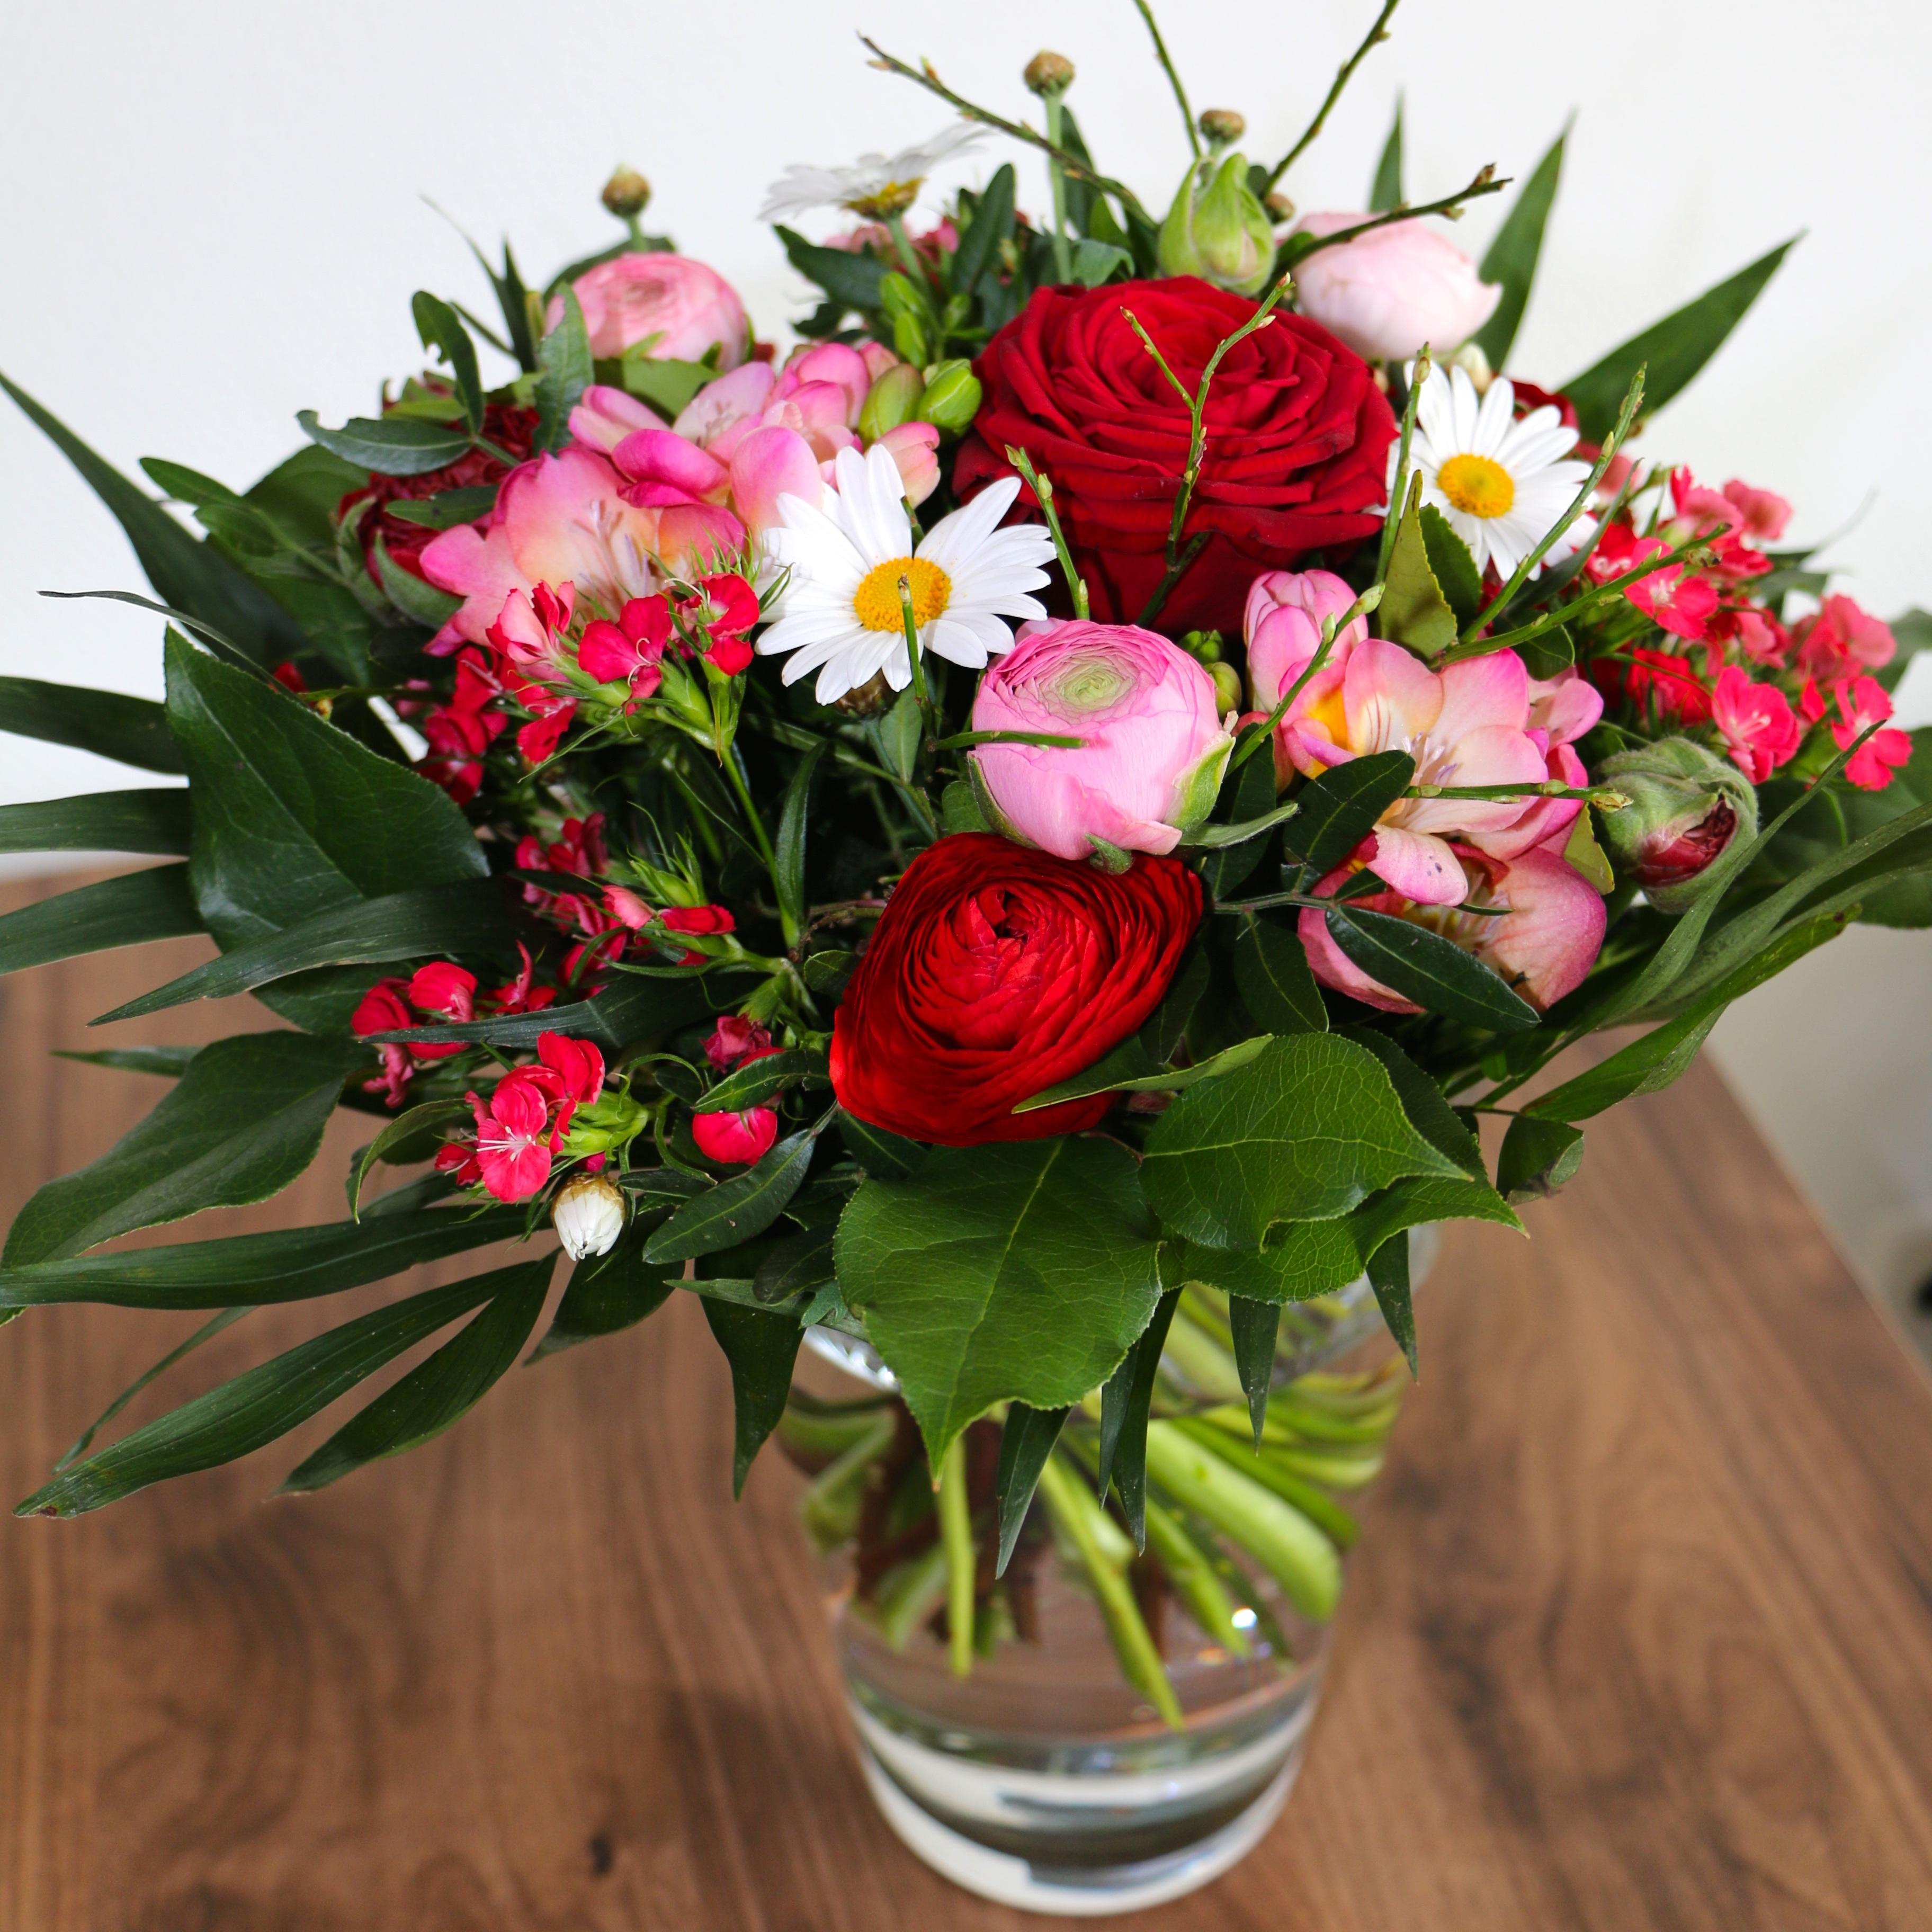 Free Images : petal, color, colorful, flora, bouquet of flowers ...